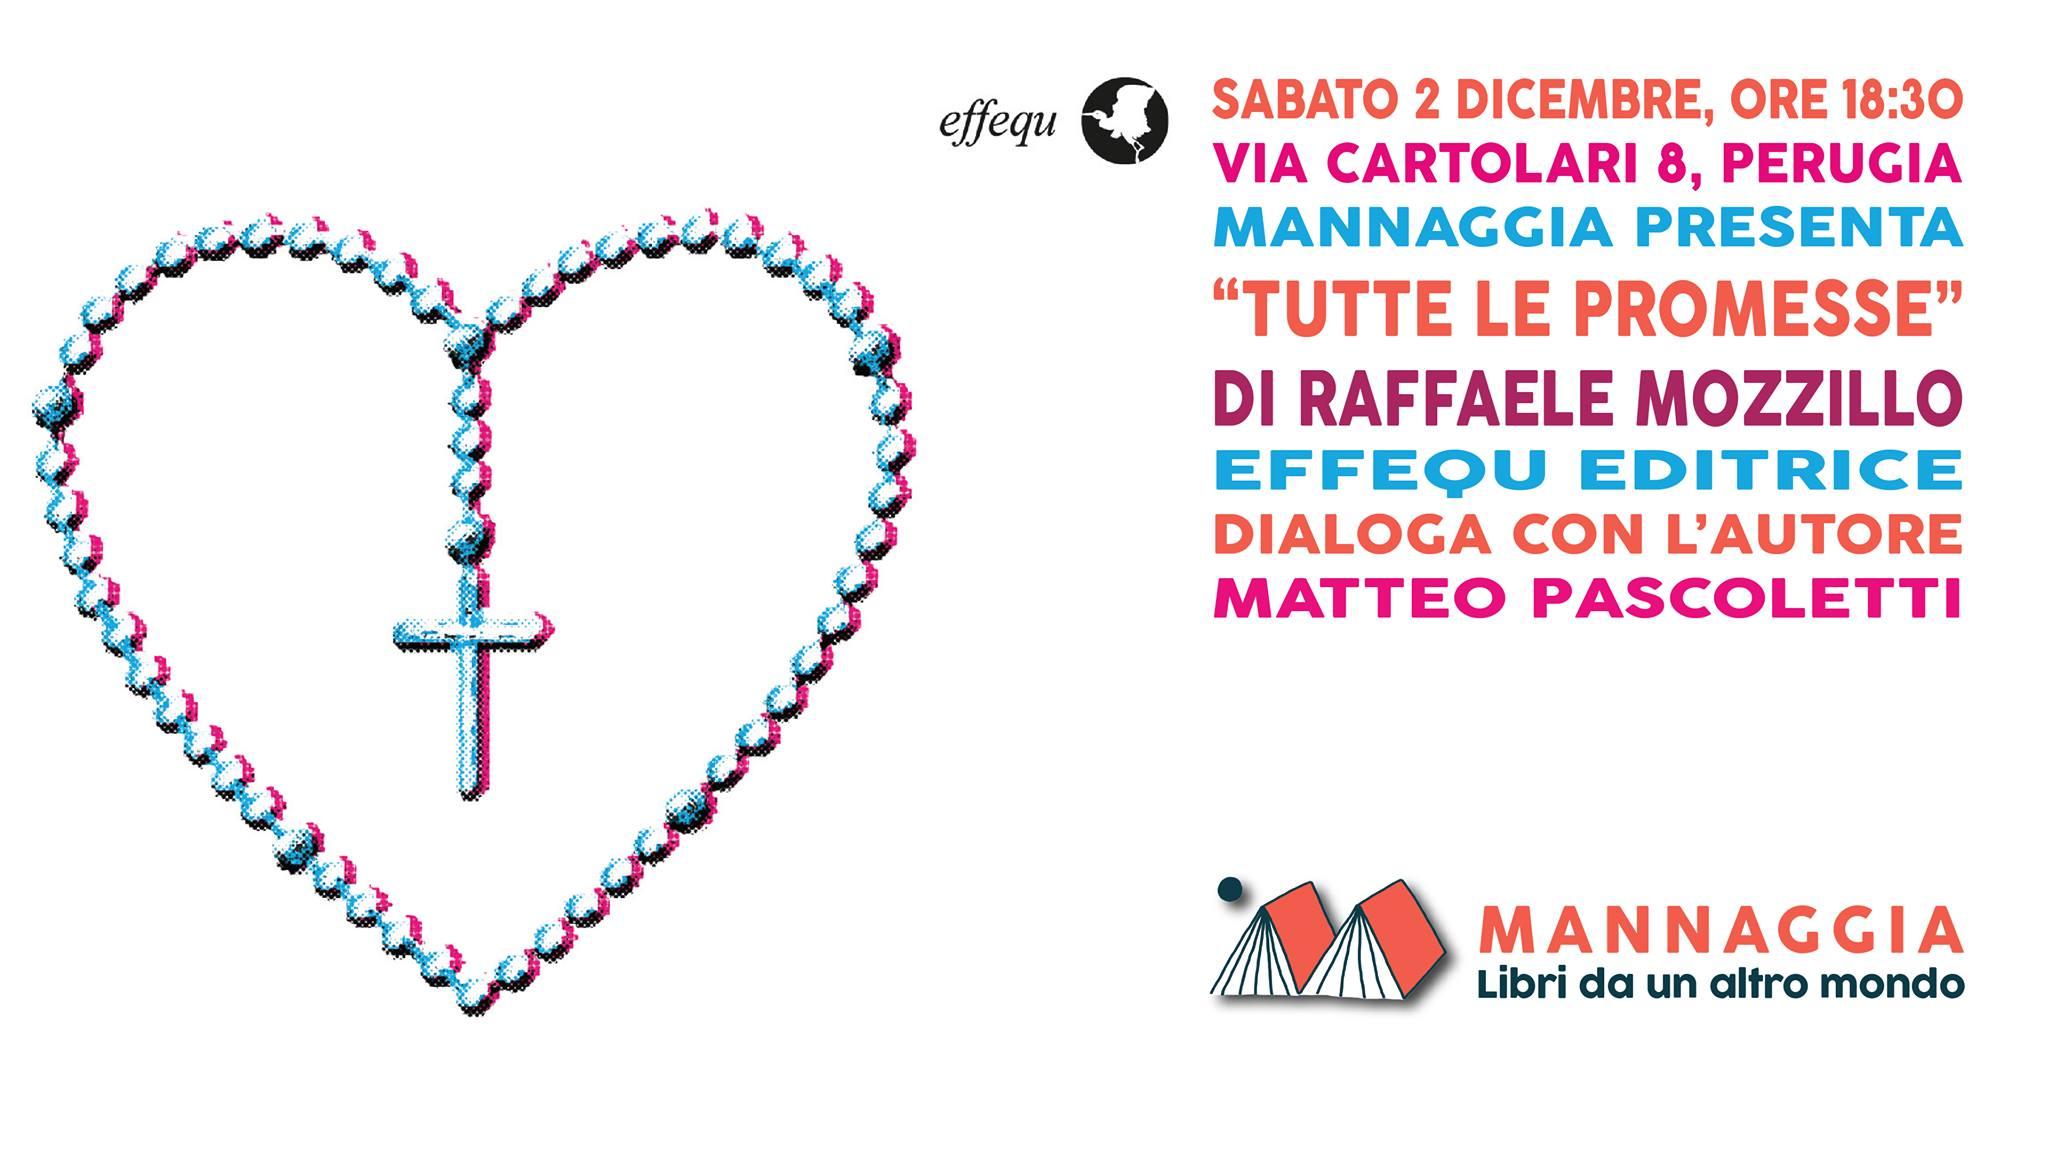 """Mannaggia presenta """"Tutte le promesse"""" di Raffaele Mozzillo"""